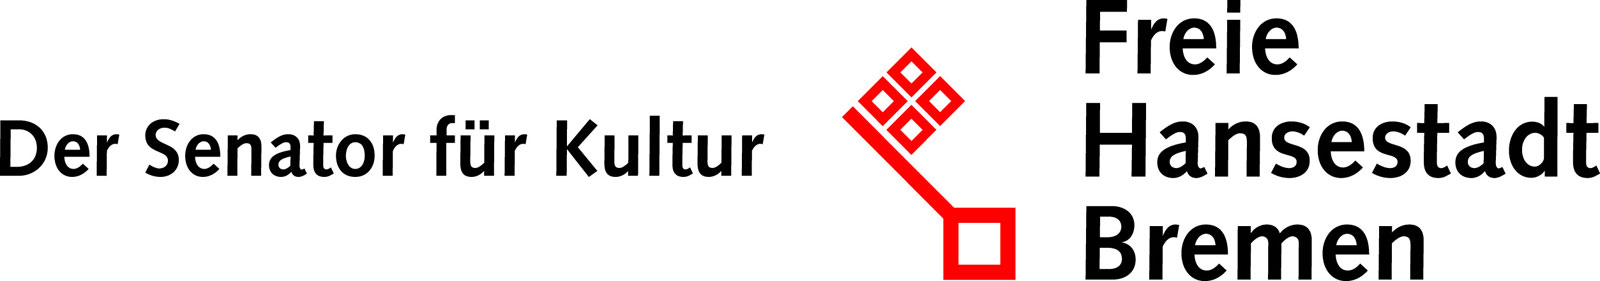 Logo vom Senator für Kultur Bremen 2021